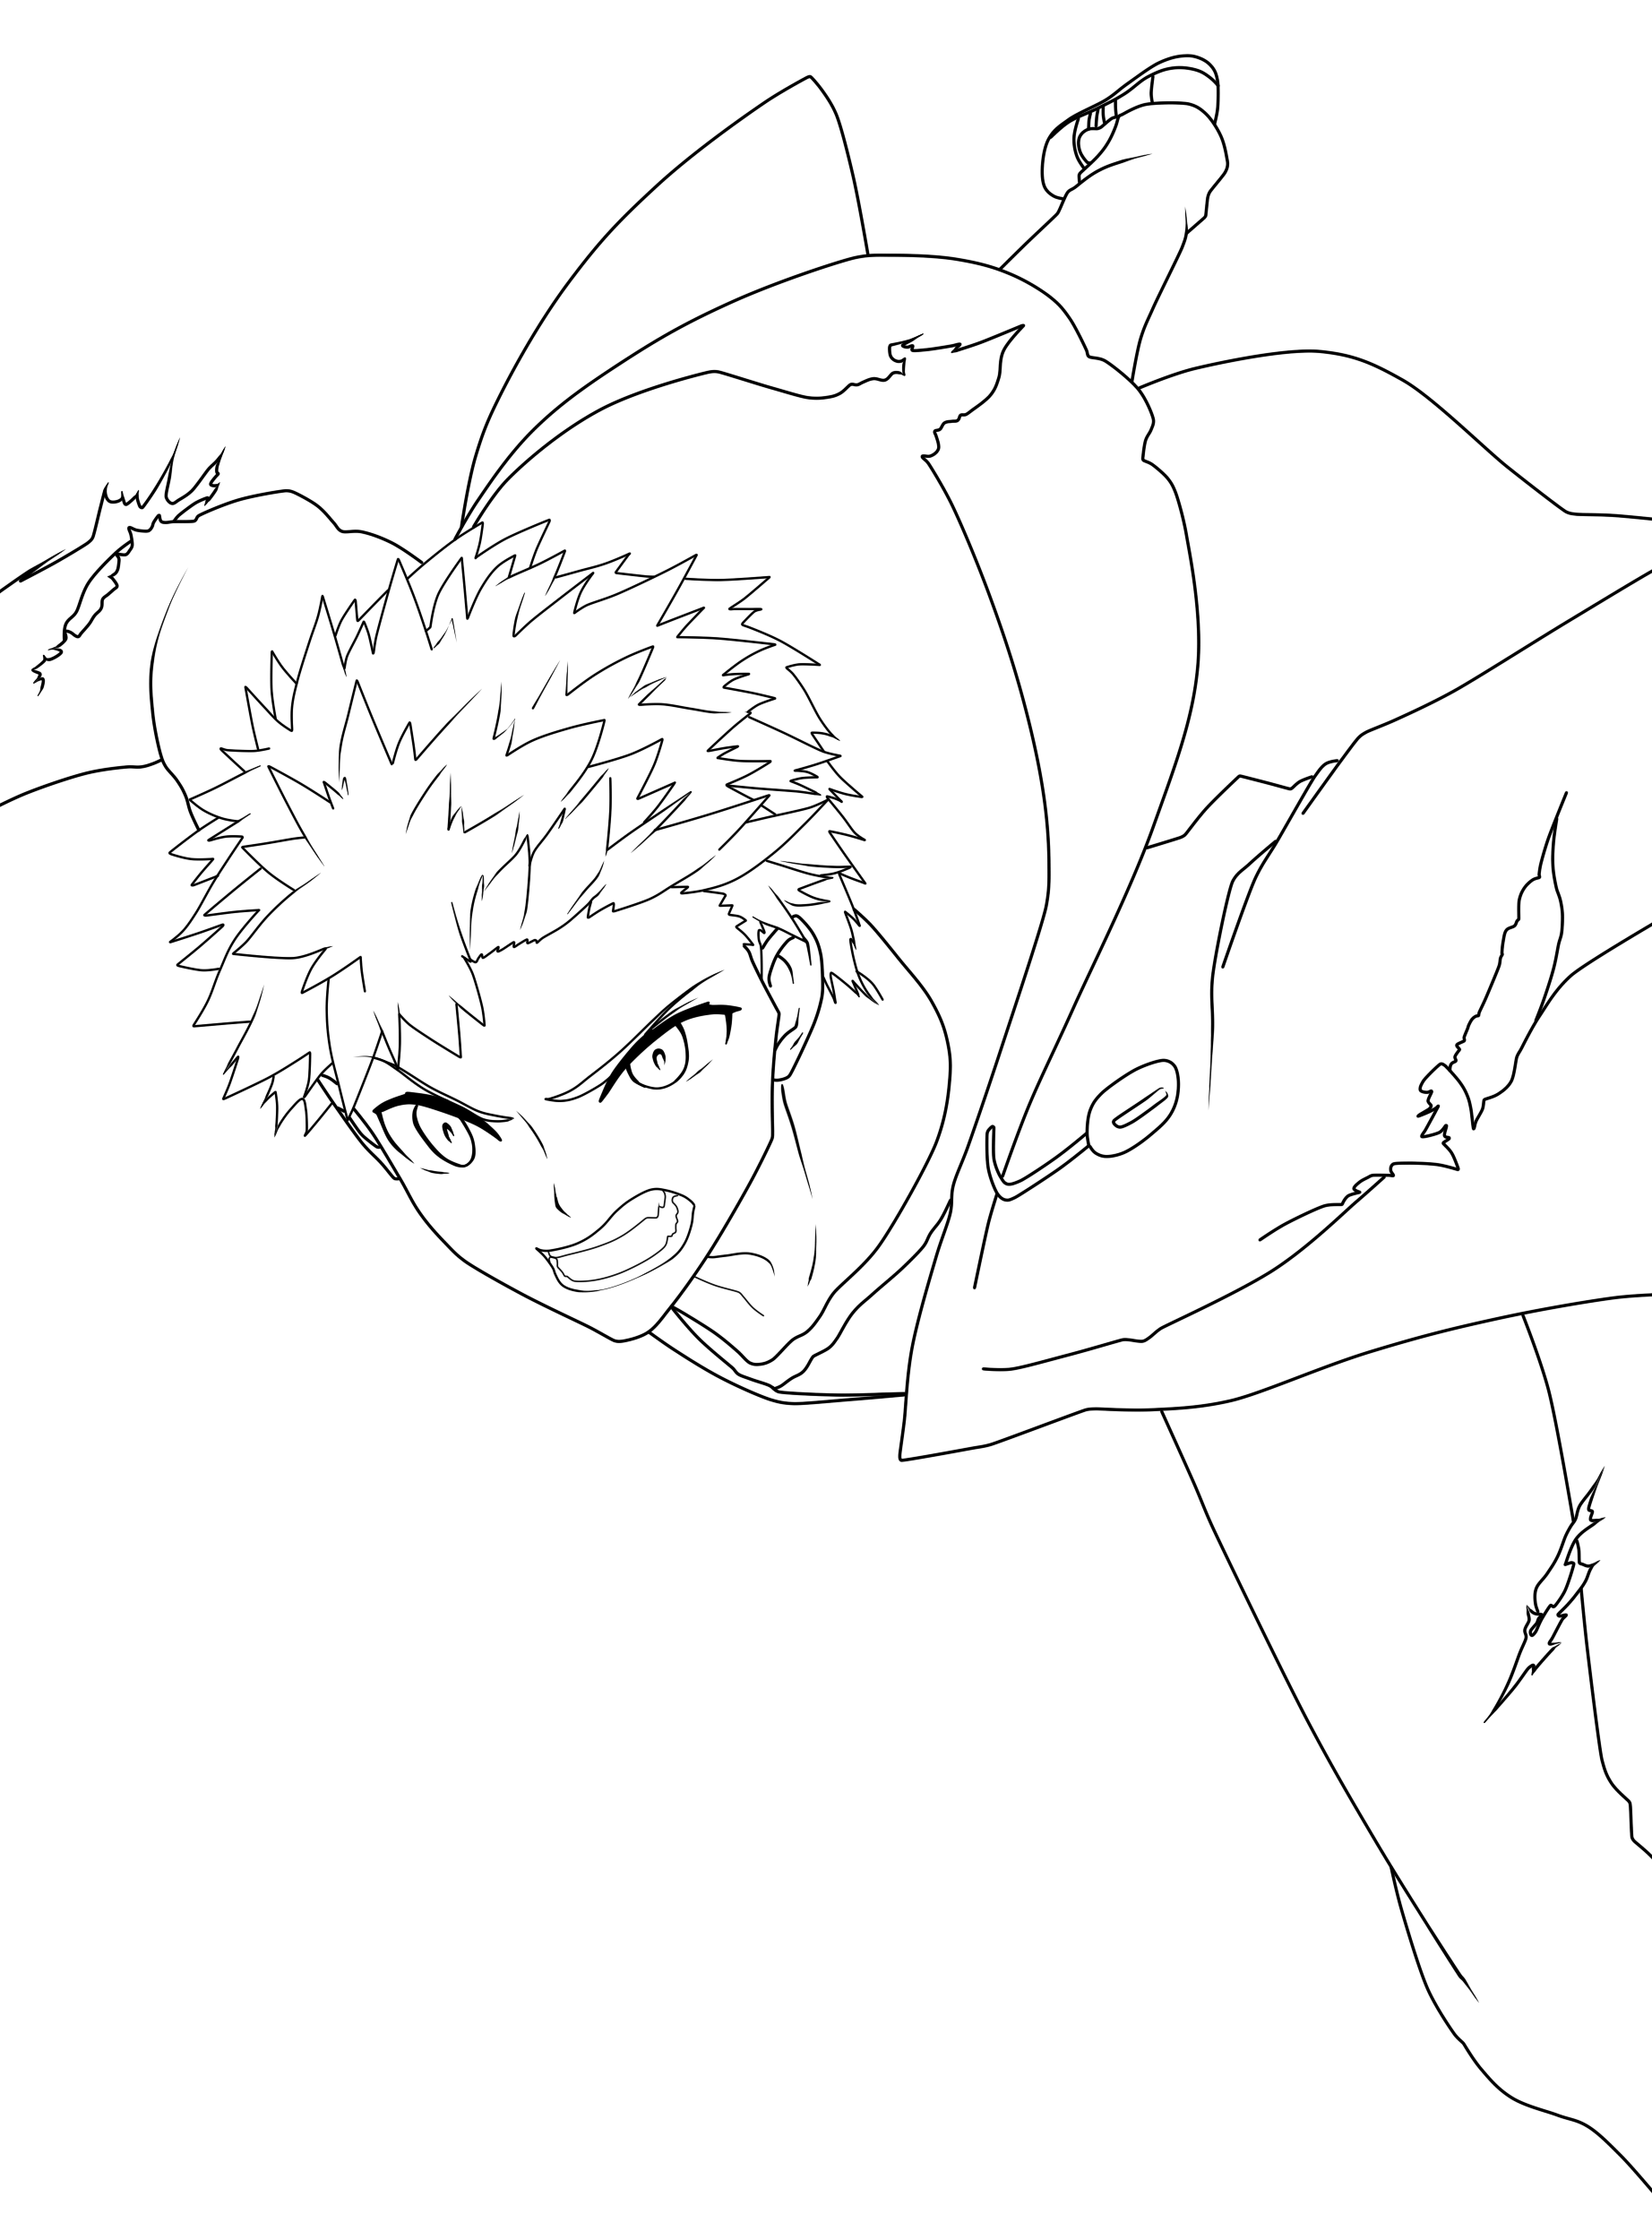 Shiro Emiya 2 Lineart